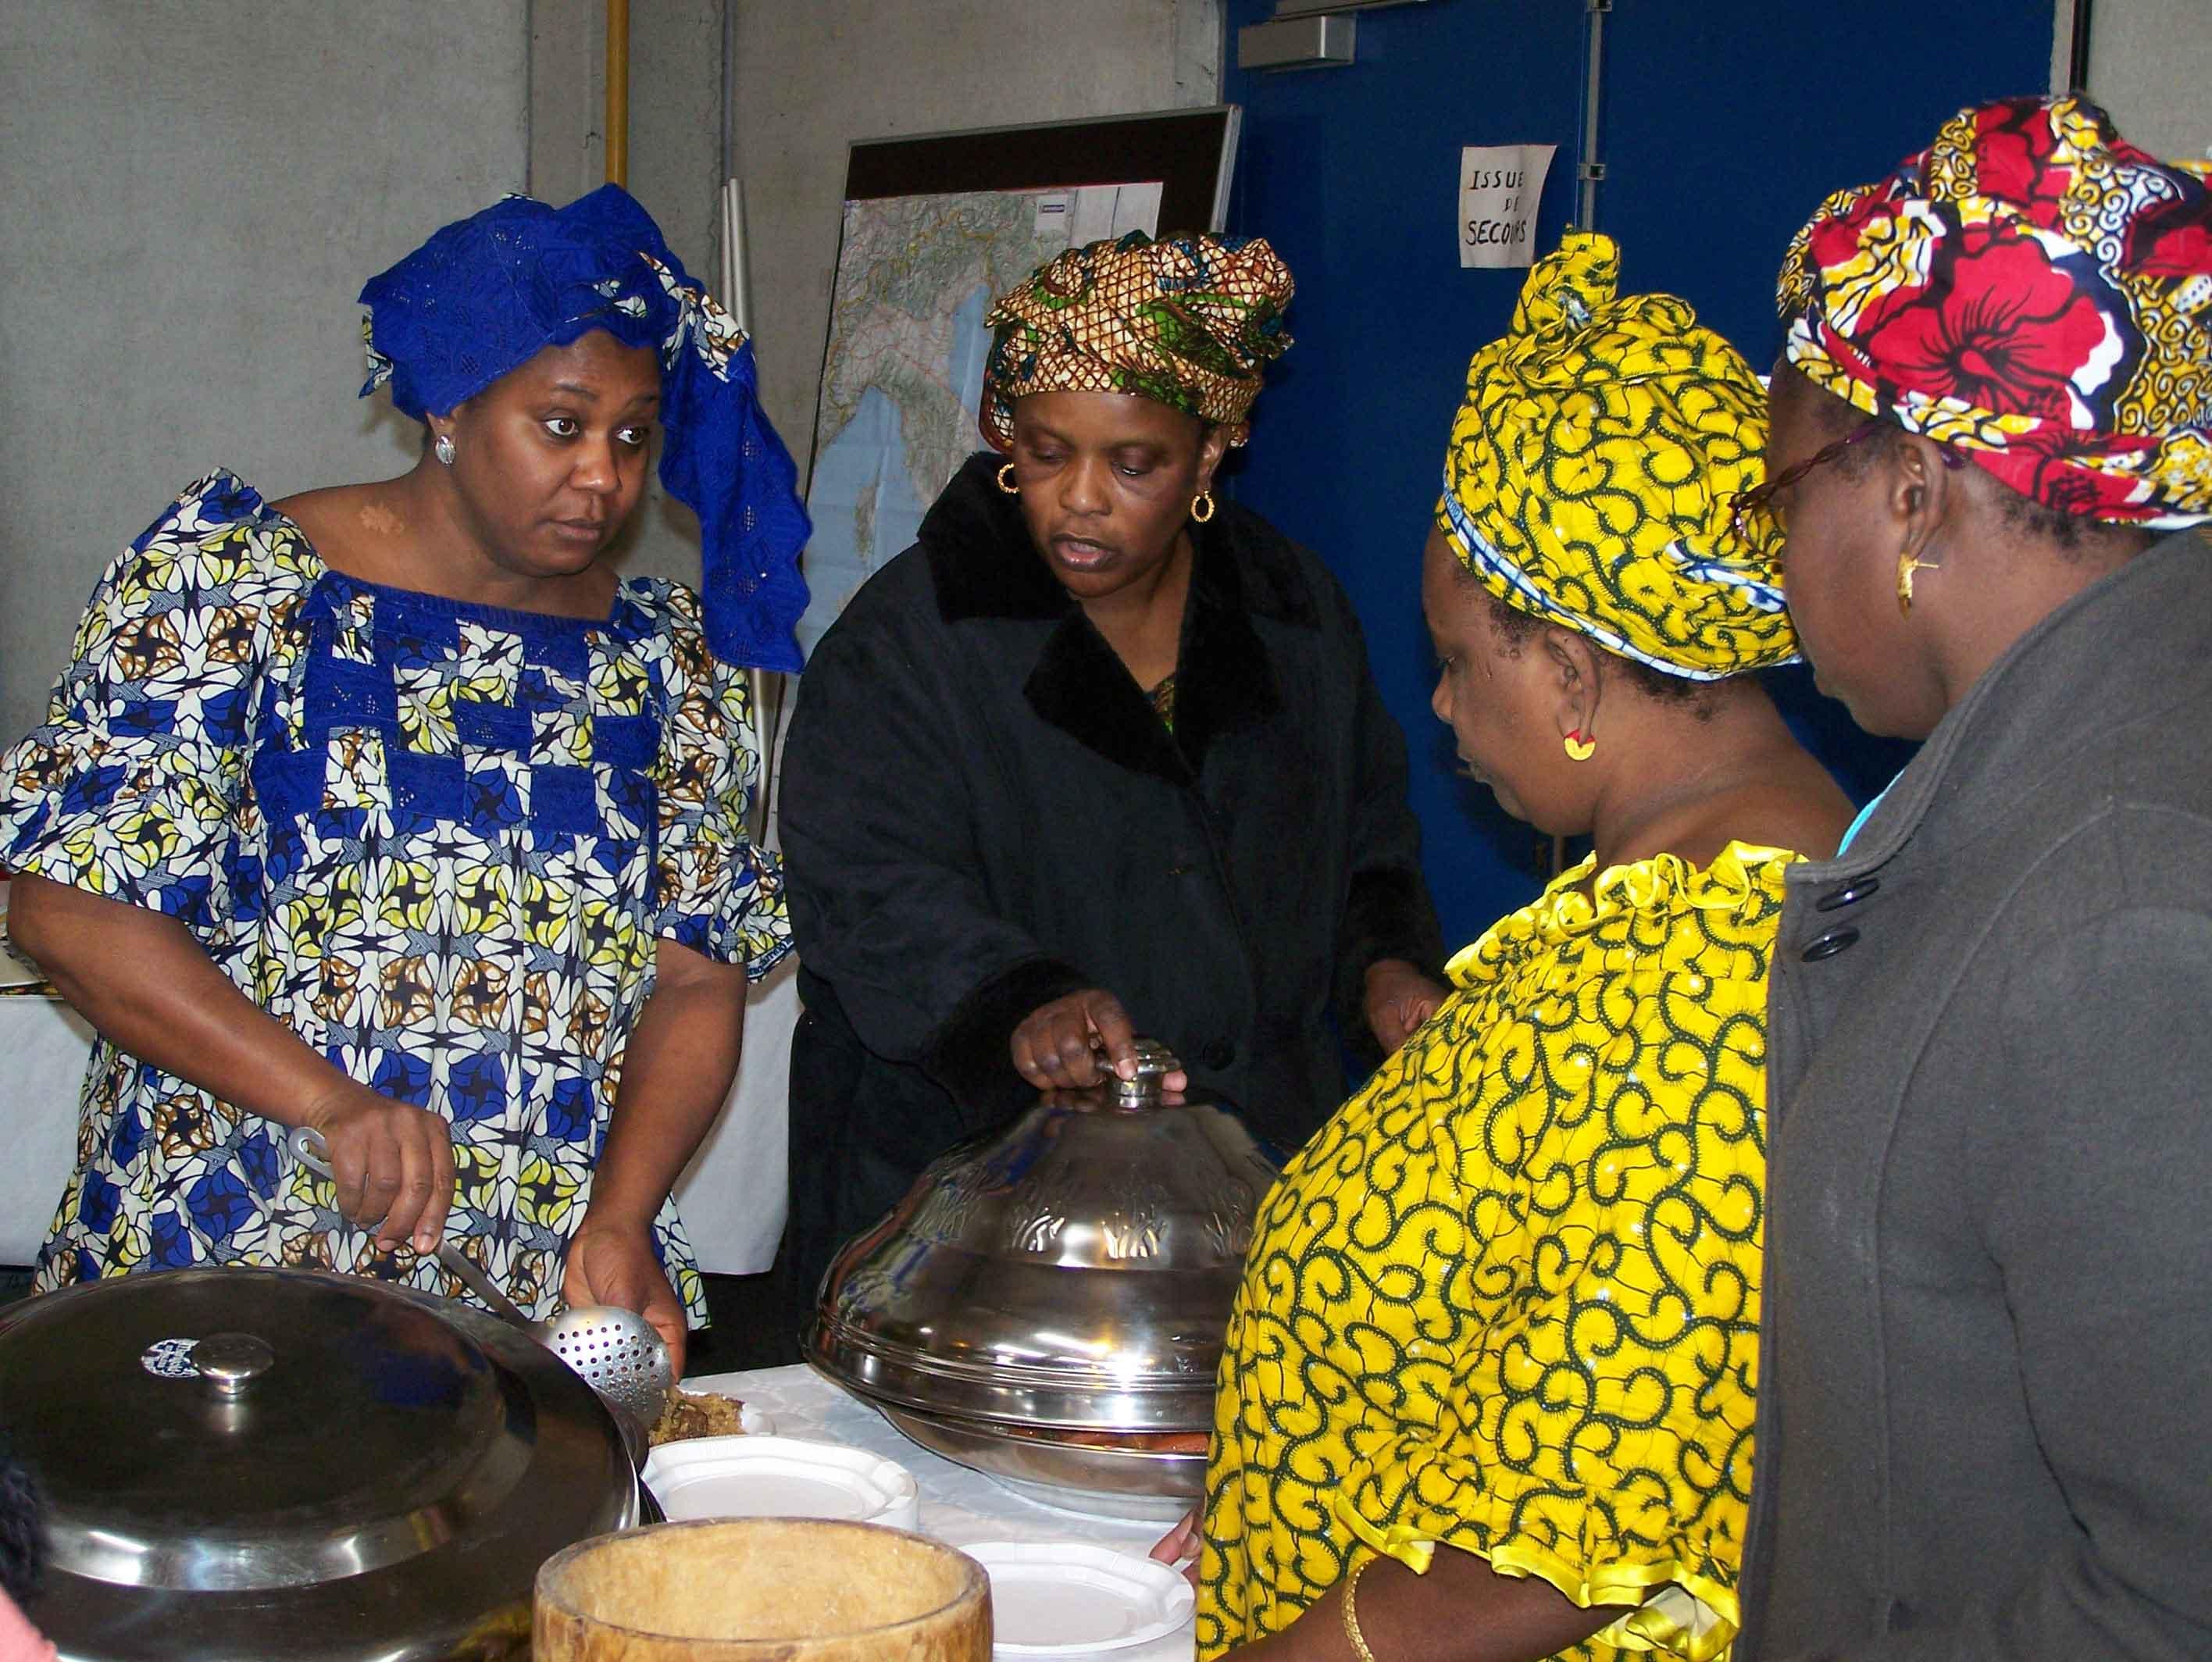 Stald - FAote interculturelle 2013 - 04